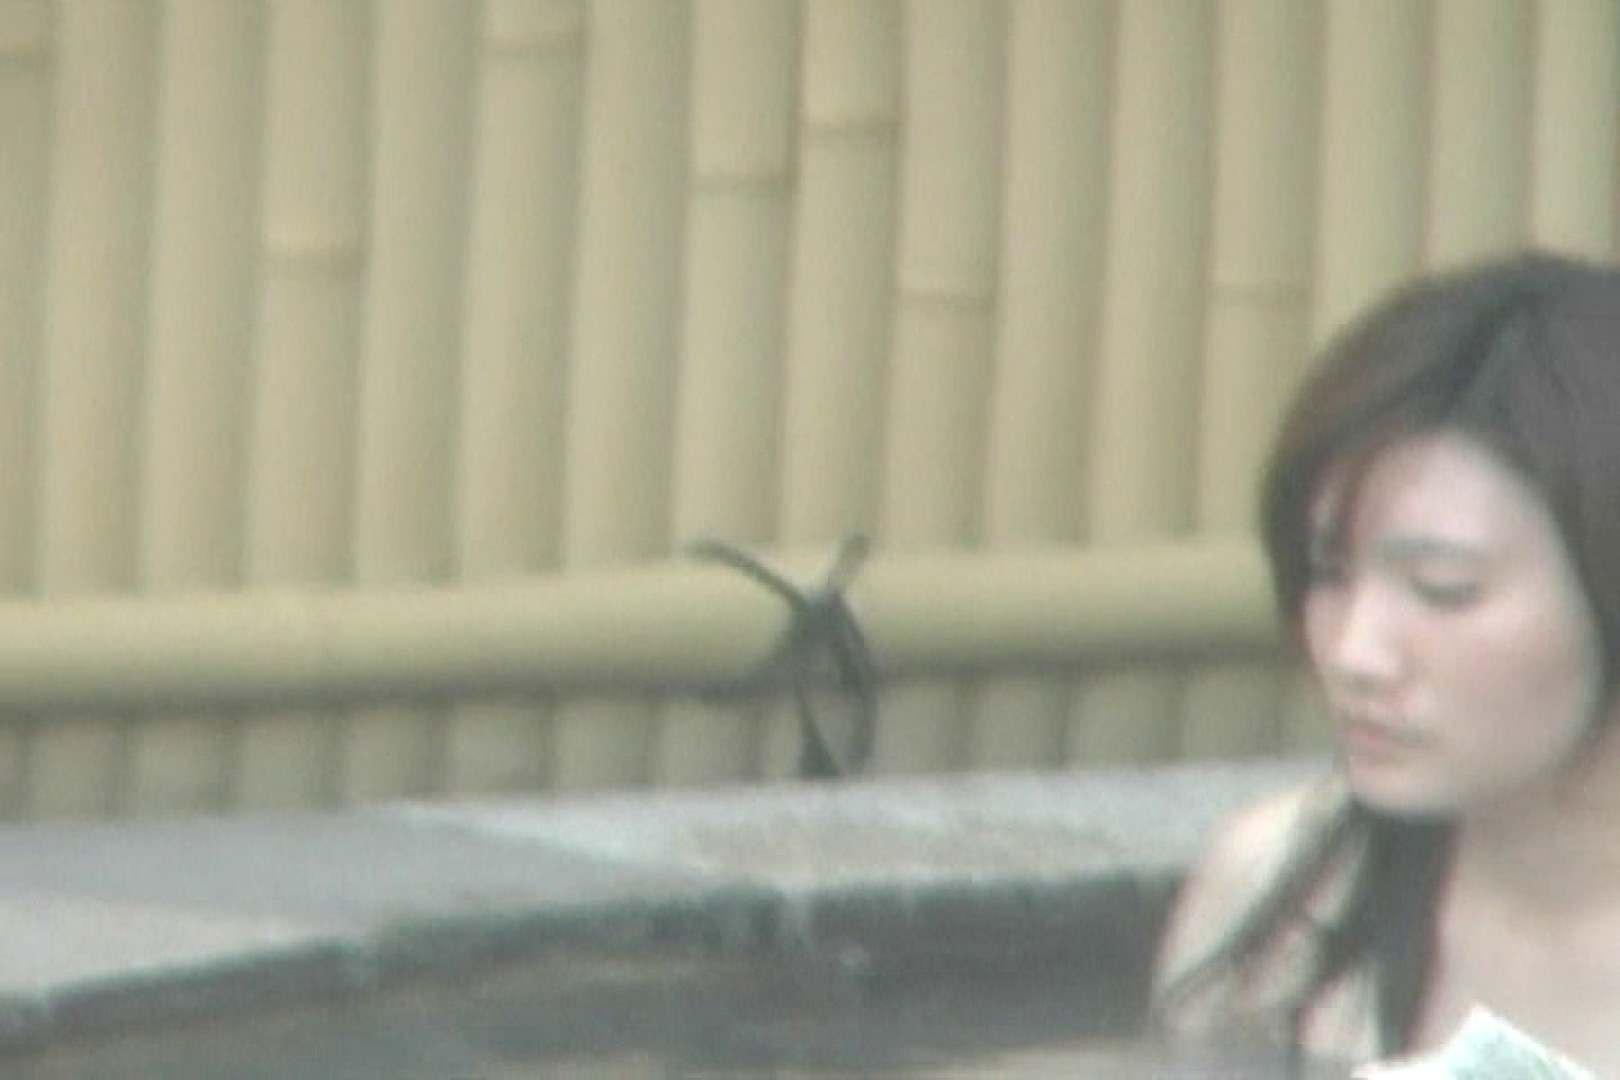 Aquaな露天風呂Vol.590 OLエロ画像   盗撮  50PICs 7